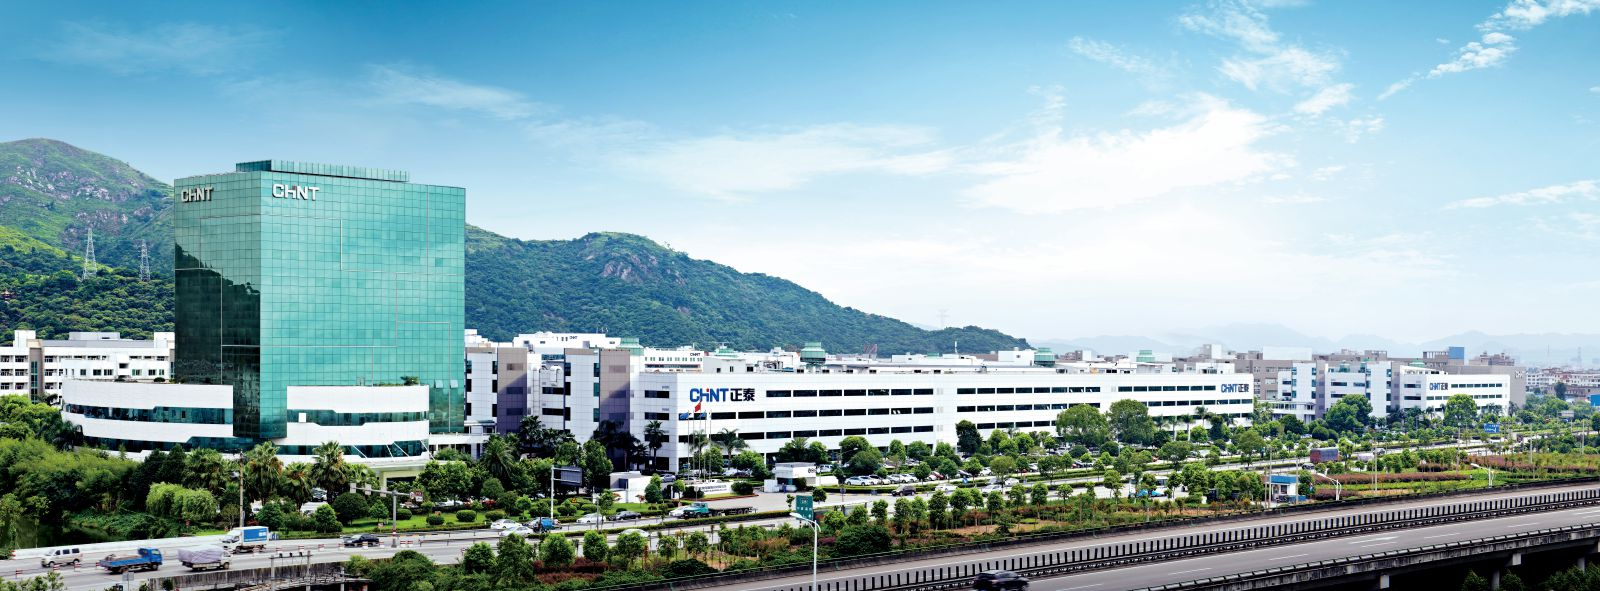 Фабрика низковольтного оборудования CHINT